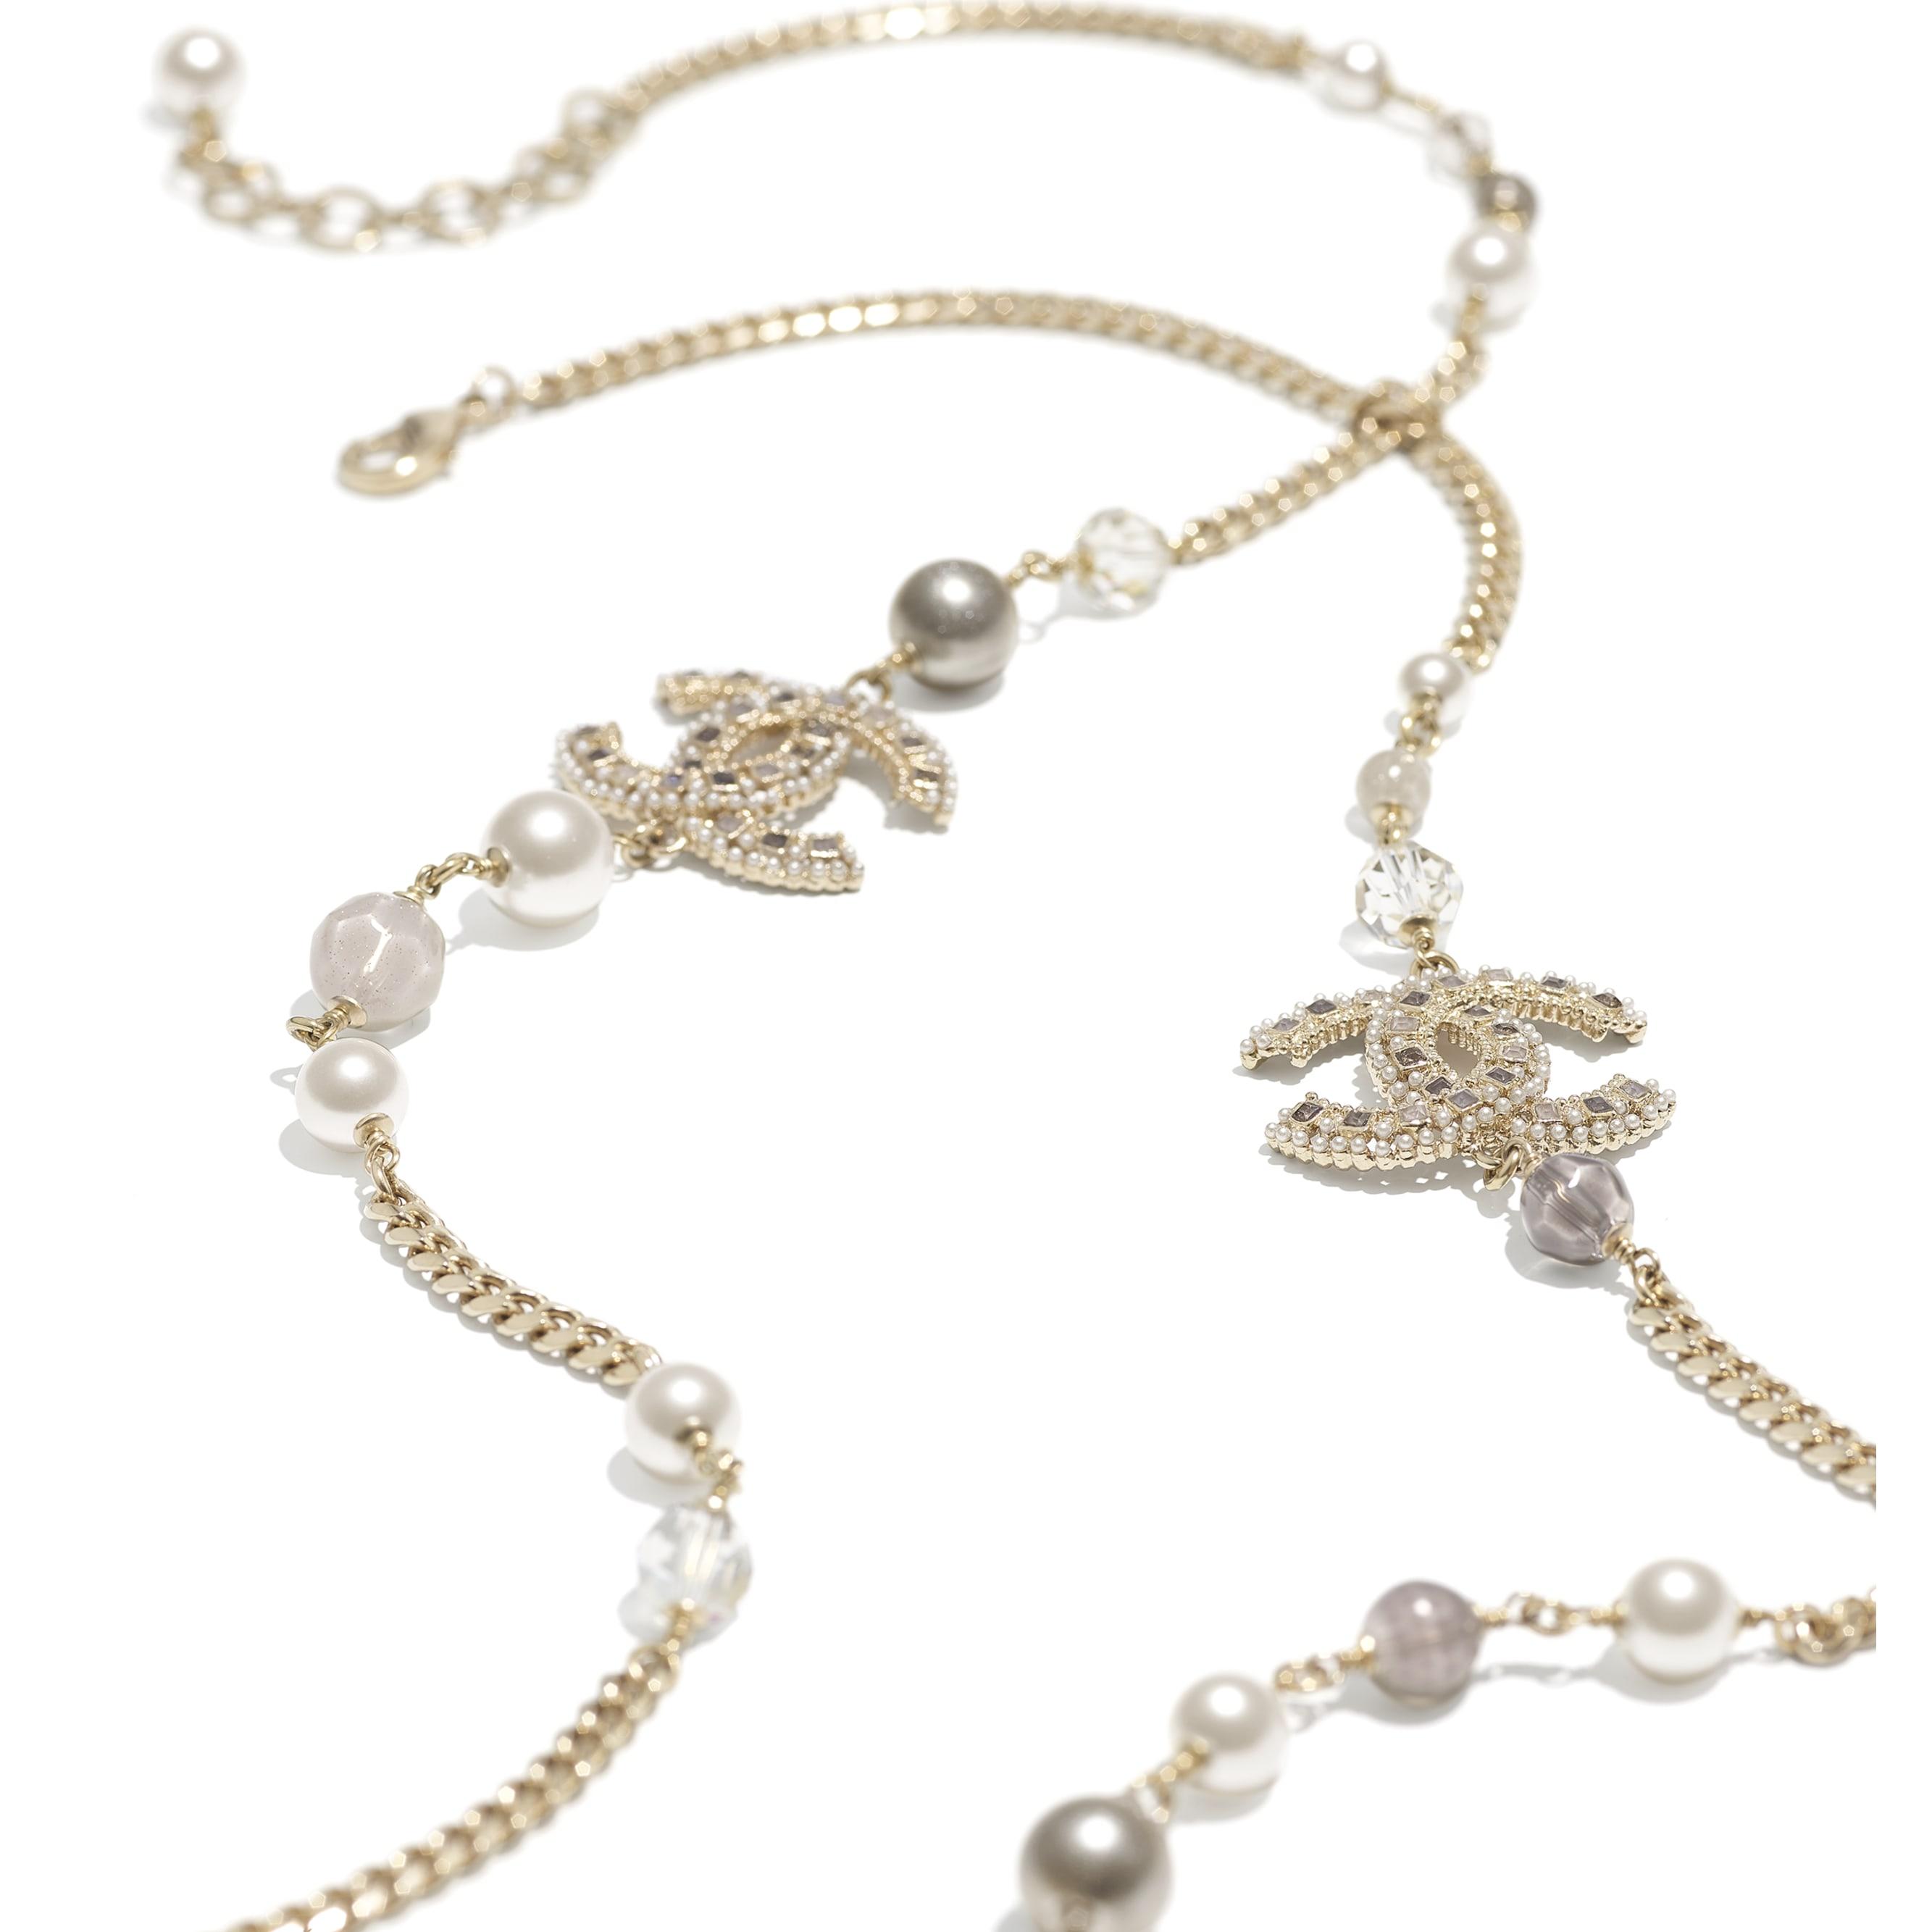 Sautoir - Doré, blanc nacré, gris & cristal - Métal, perles de verre, verre & strass - CHANEL - Vue alternative - voir la version taille standard